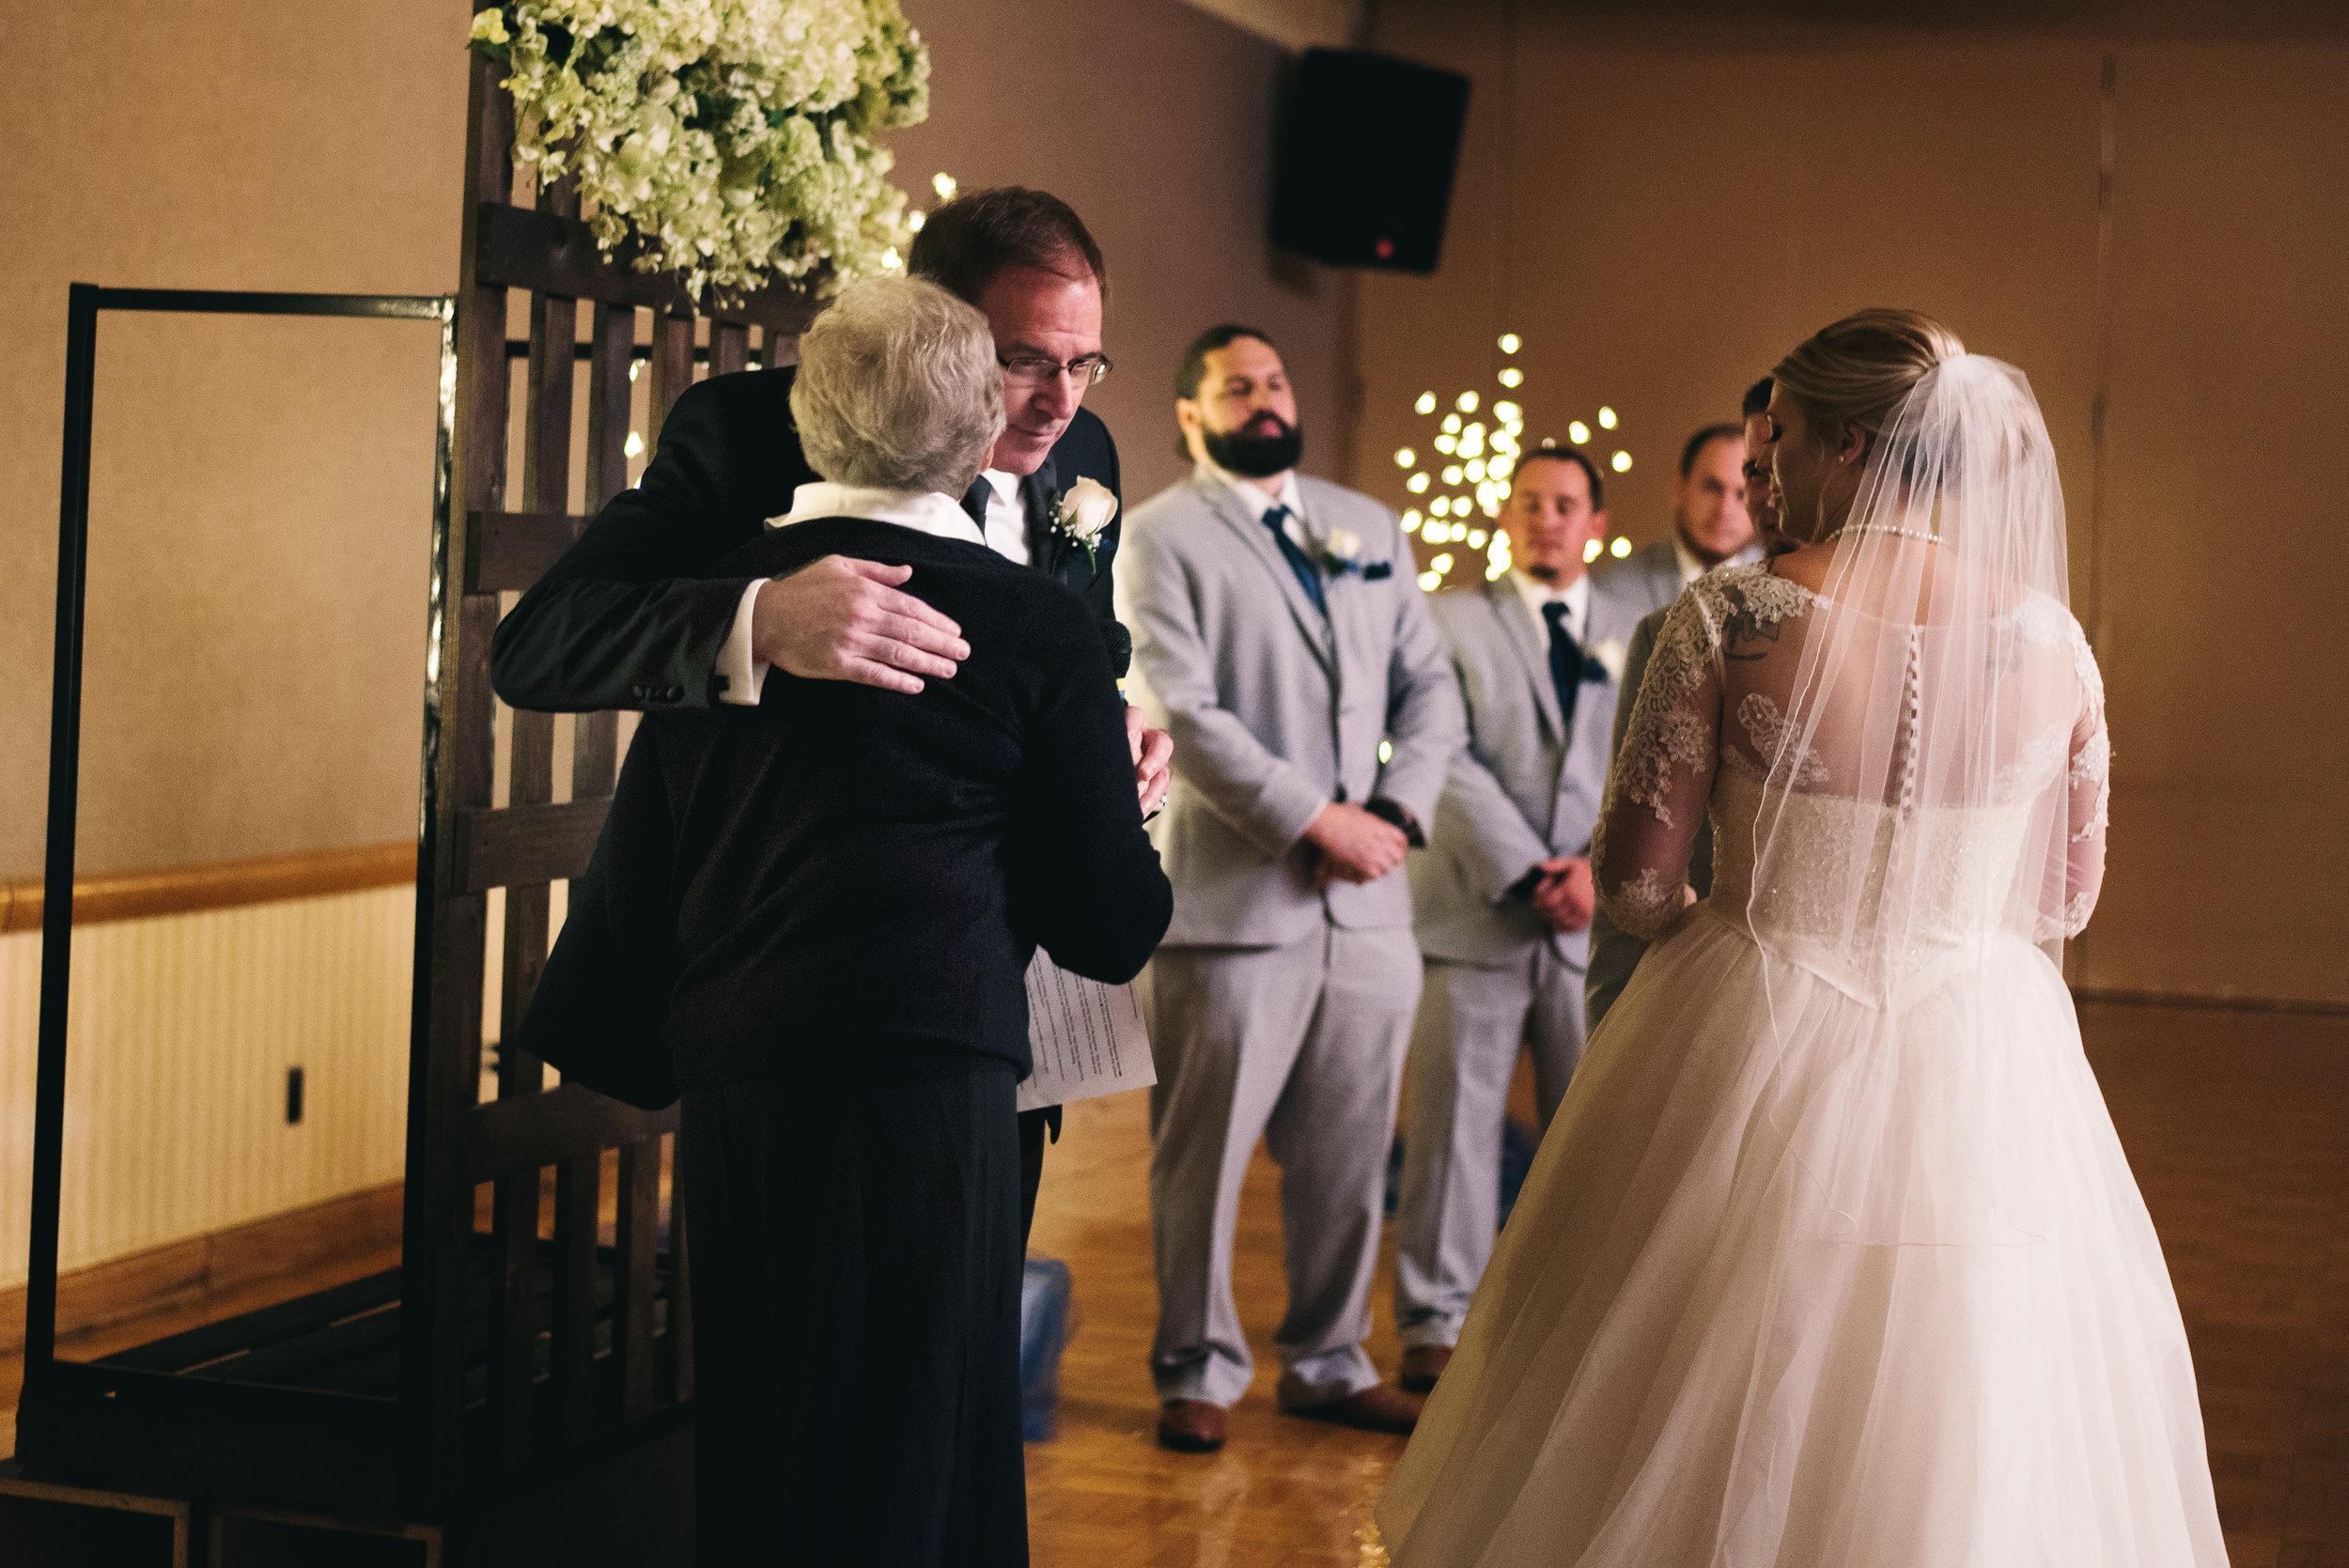 King-Northern-Illinois-University-Wedding067.jpg